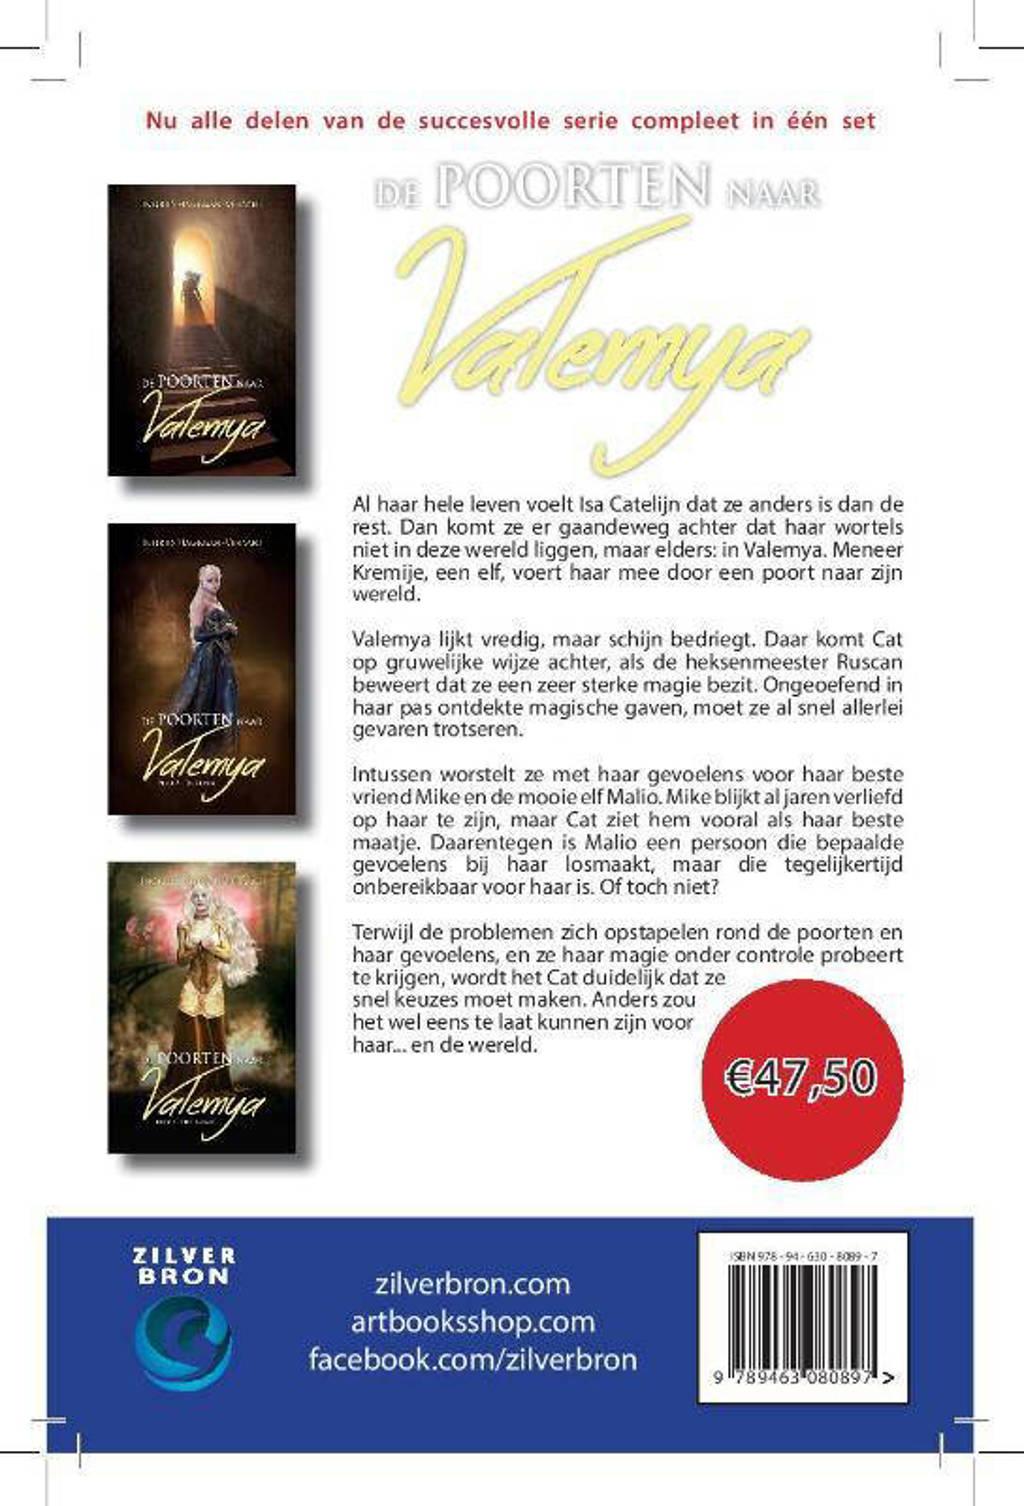 Valemya: De poorten naar Valemya trilogie - Ingrid Hageman en Cocky van Dijk